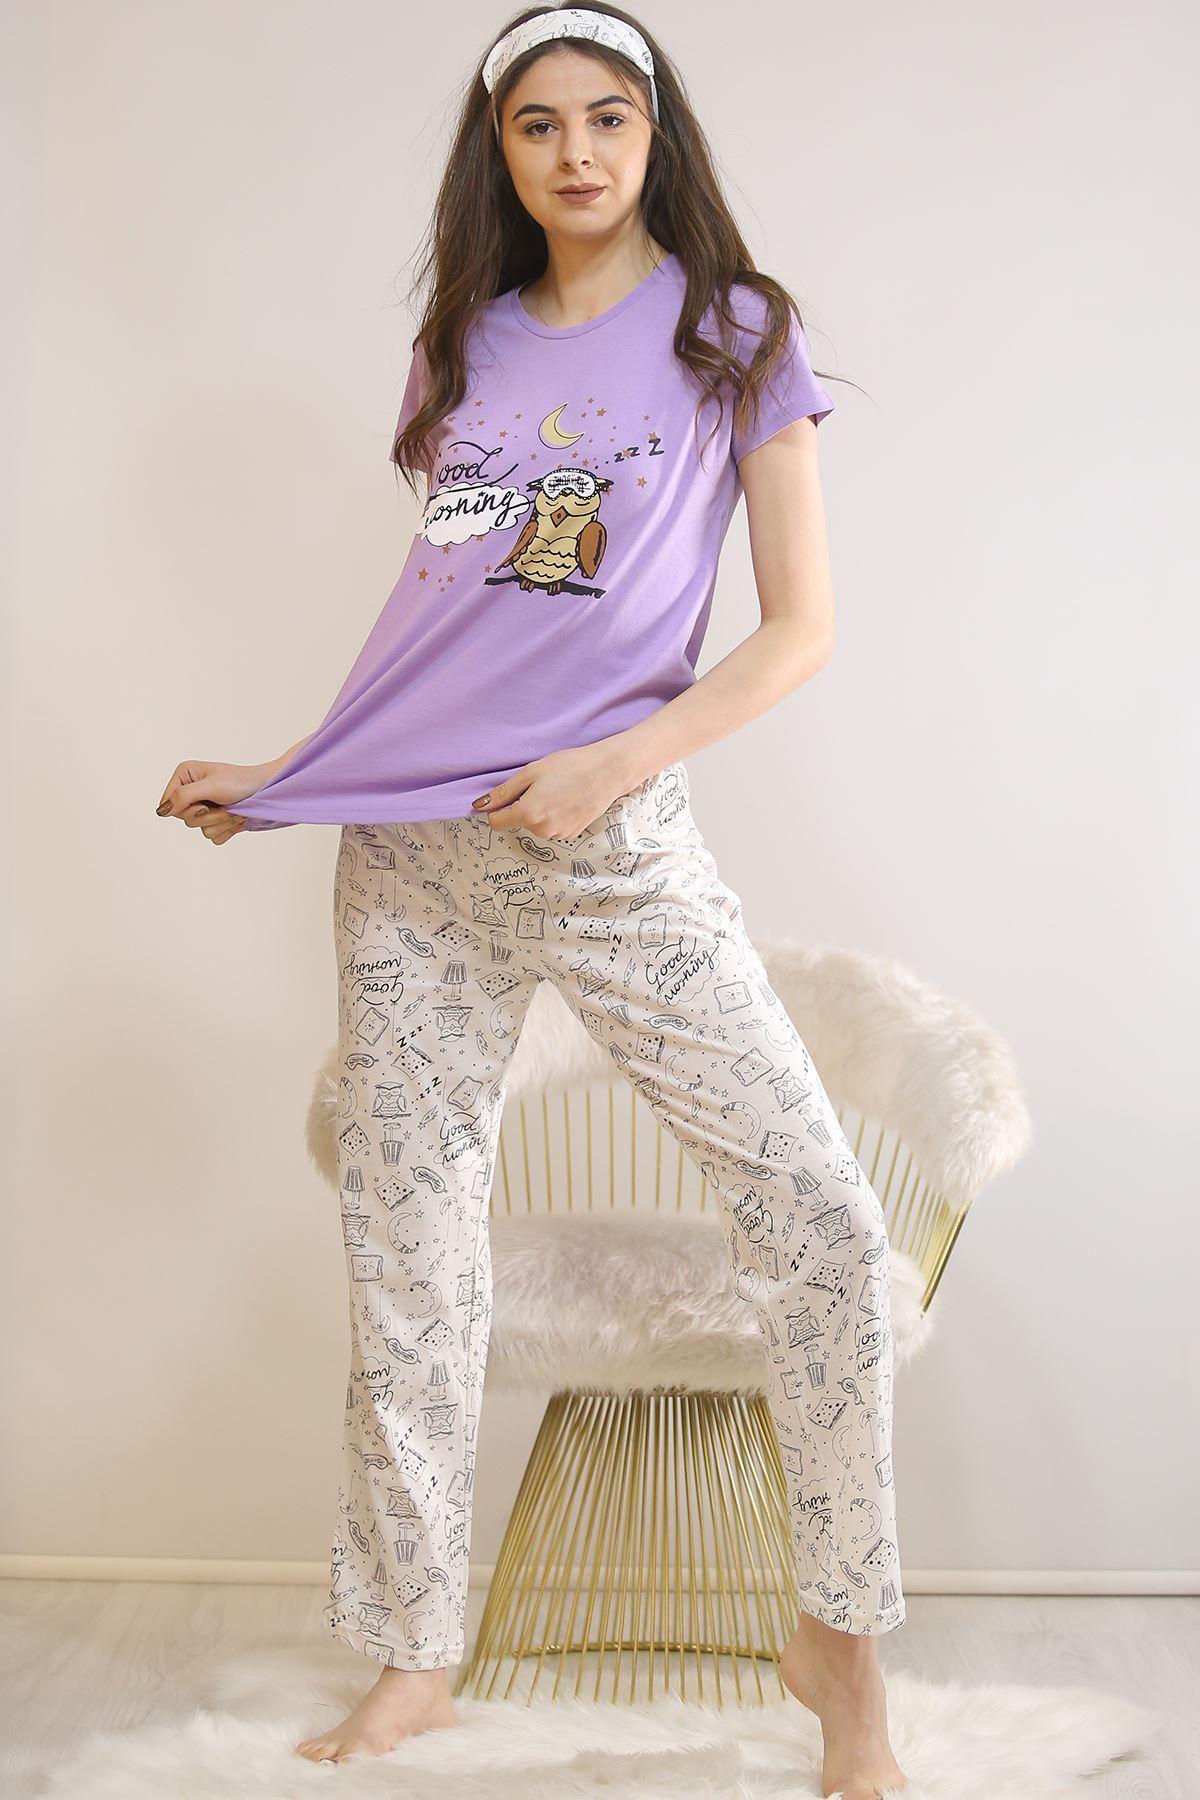 Baskılı Pijama Takımı Lila - 21445.1059.